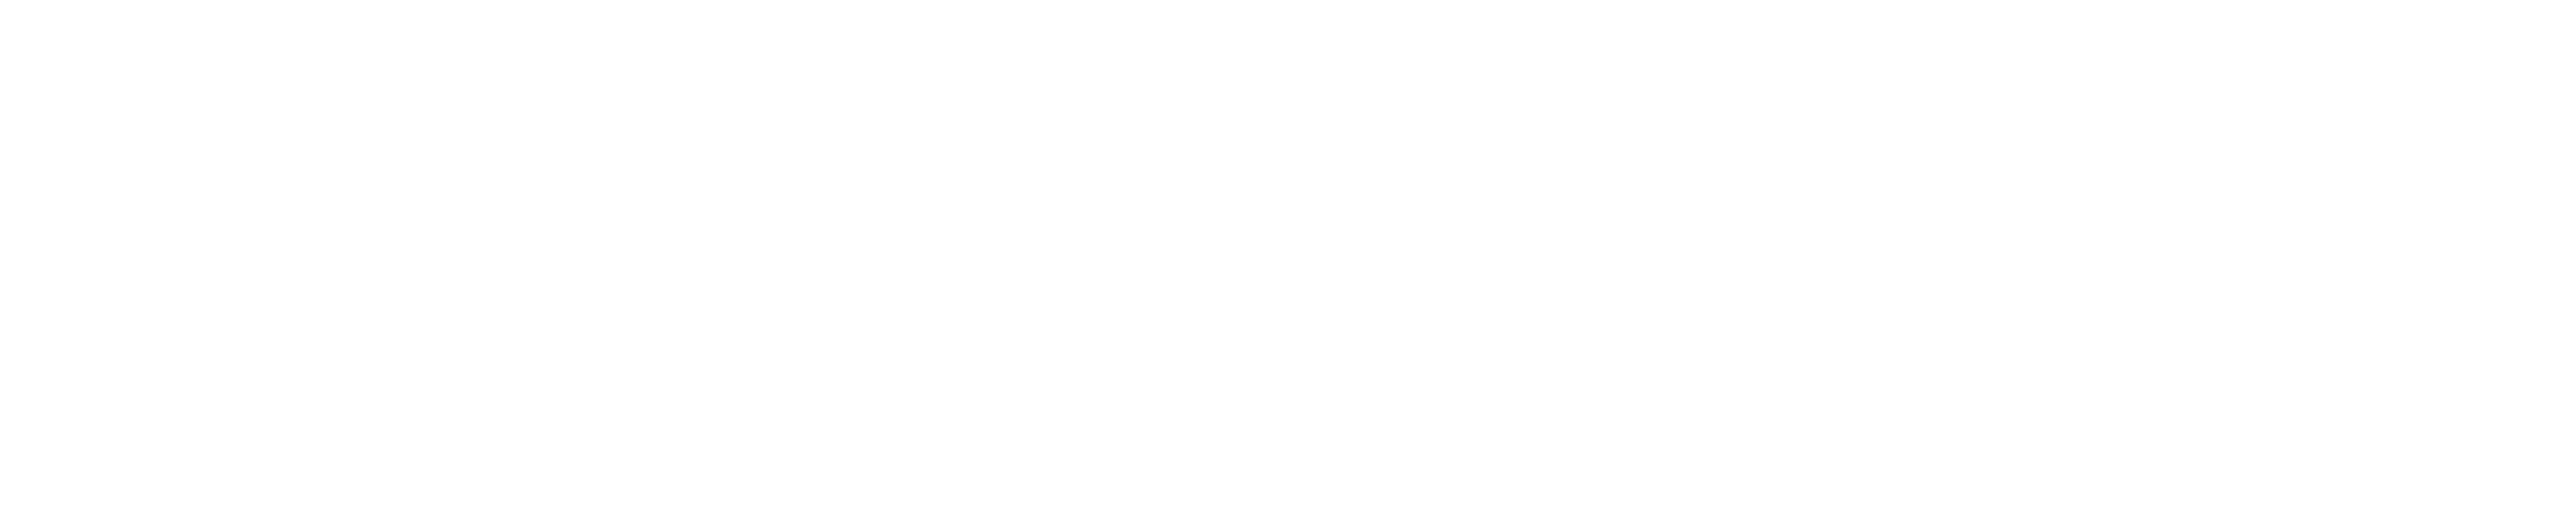 Tauatu